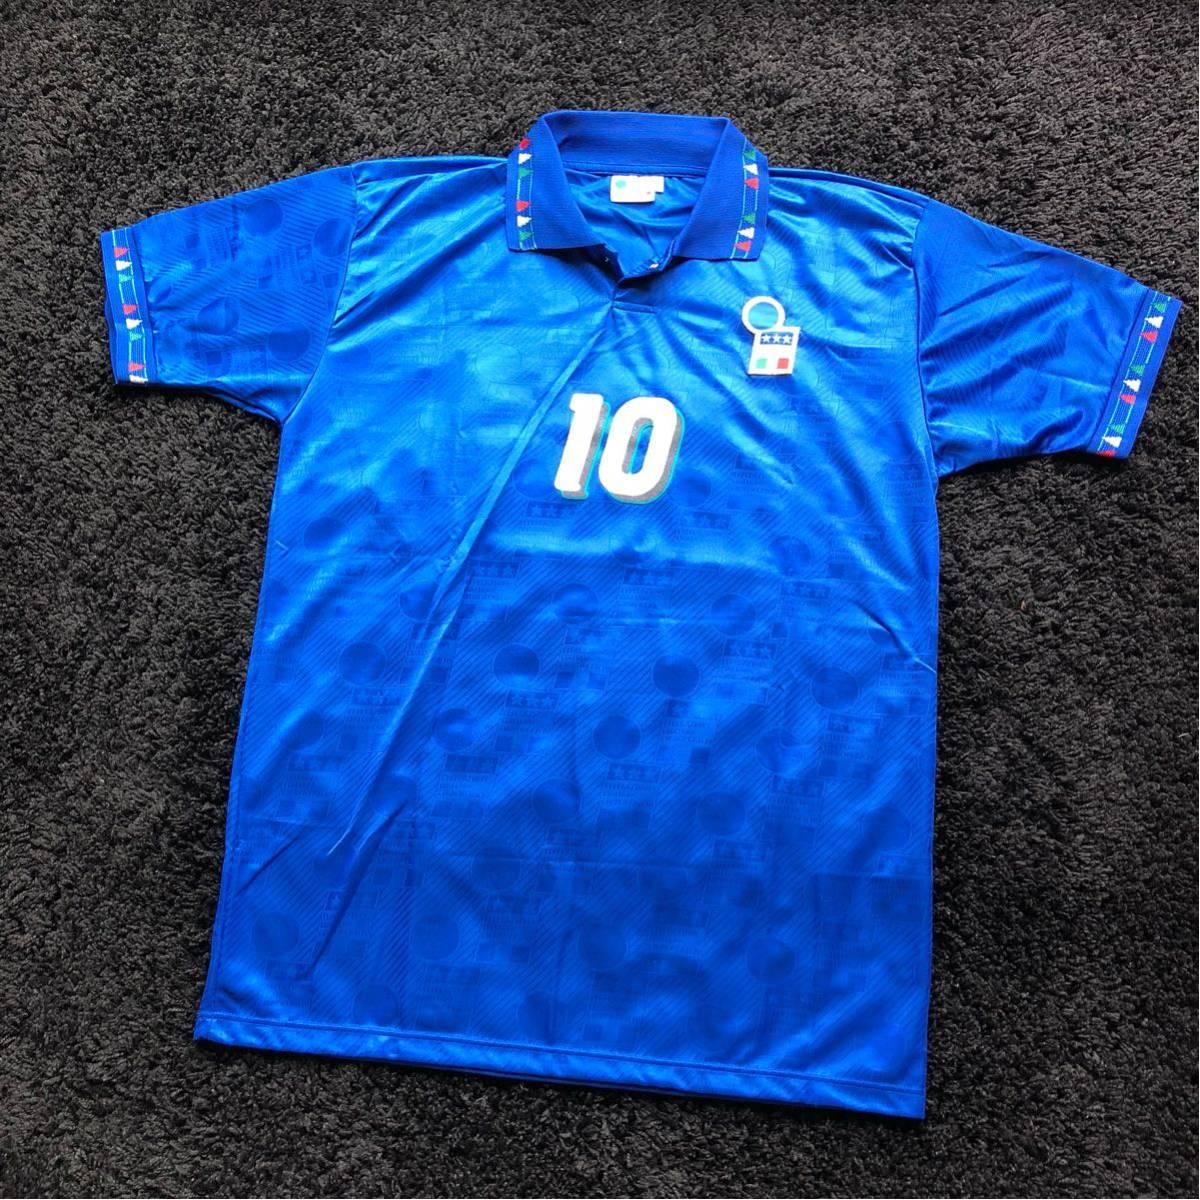 ☆ 94ワールドカップ イタリア代表 (H)  BAGGIO バッジョ XL  正規品 ☆